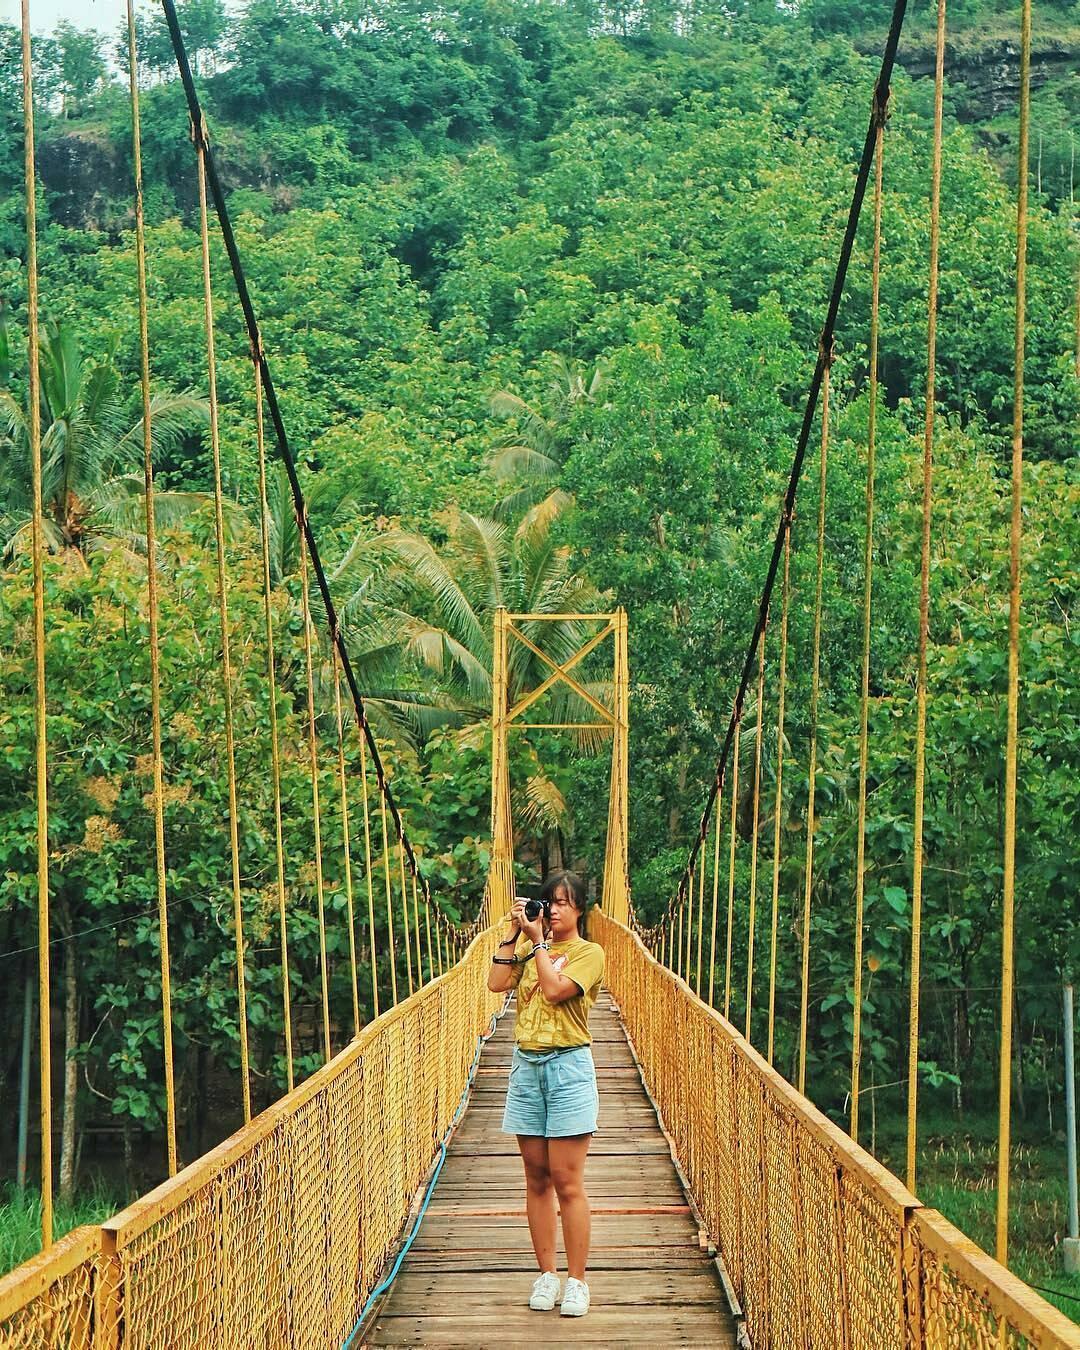 Jembatan Gantung Selopamioro, Jembatan Gantung Selopamioro Yogyakarta, Yogyakarta, Dolan Dolen, Dolaners Jembatan Gantung Selopamioro by sharonlohh - Dolan Dolen